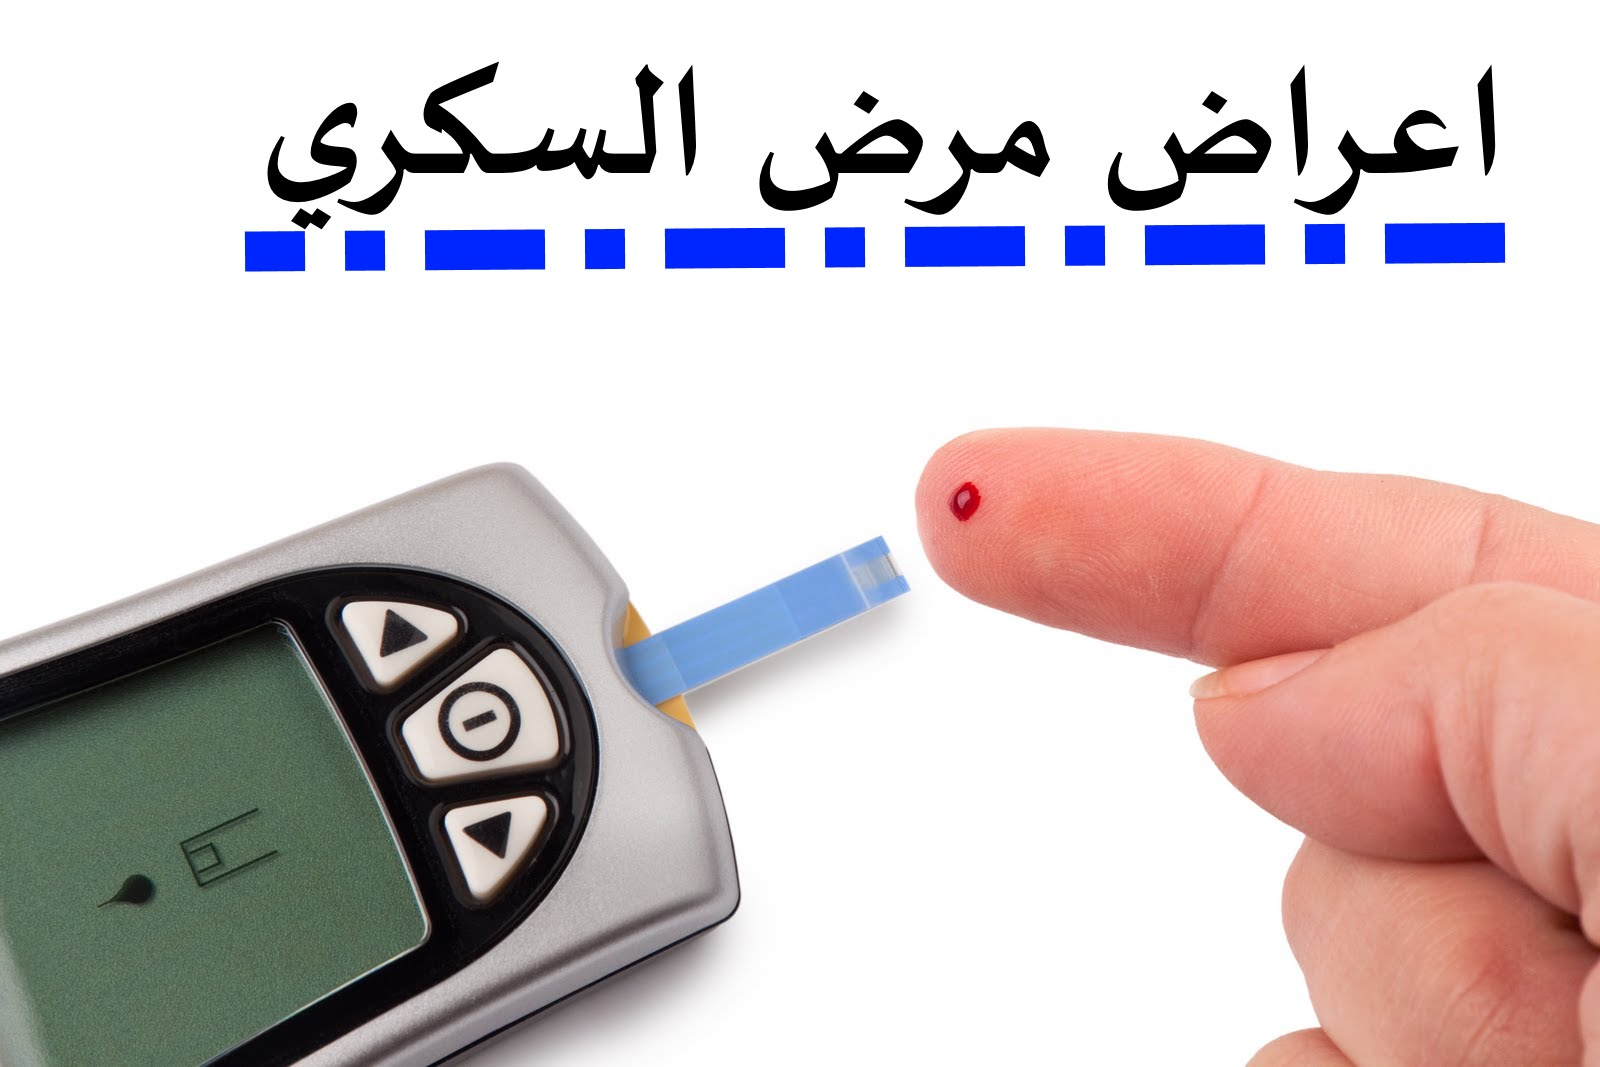 صوره اعراض مرض السكر , علاج مرض السكر واعراضه